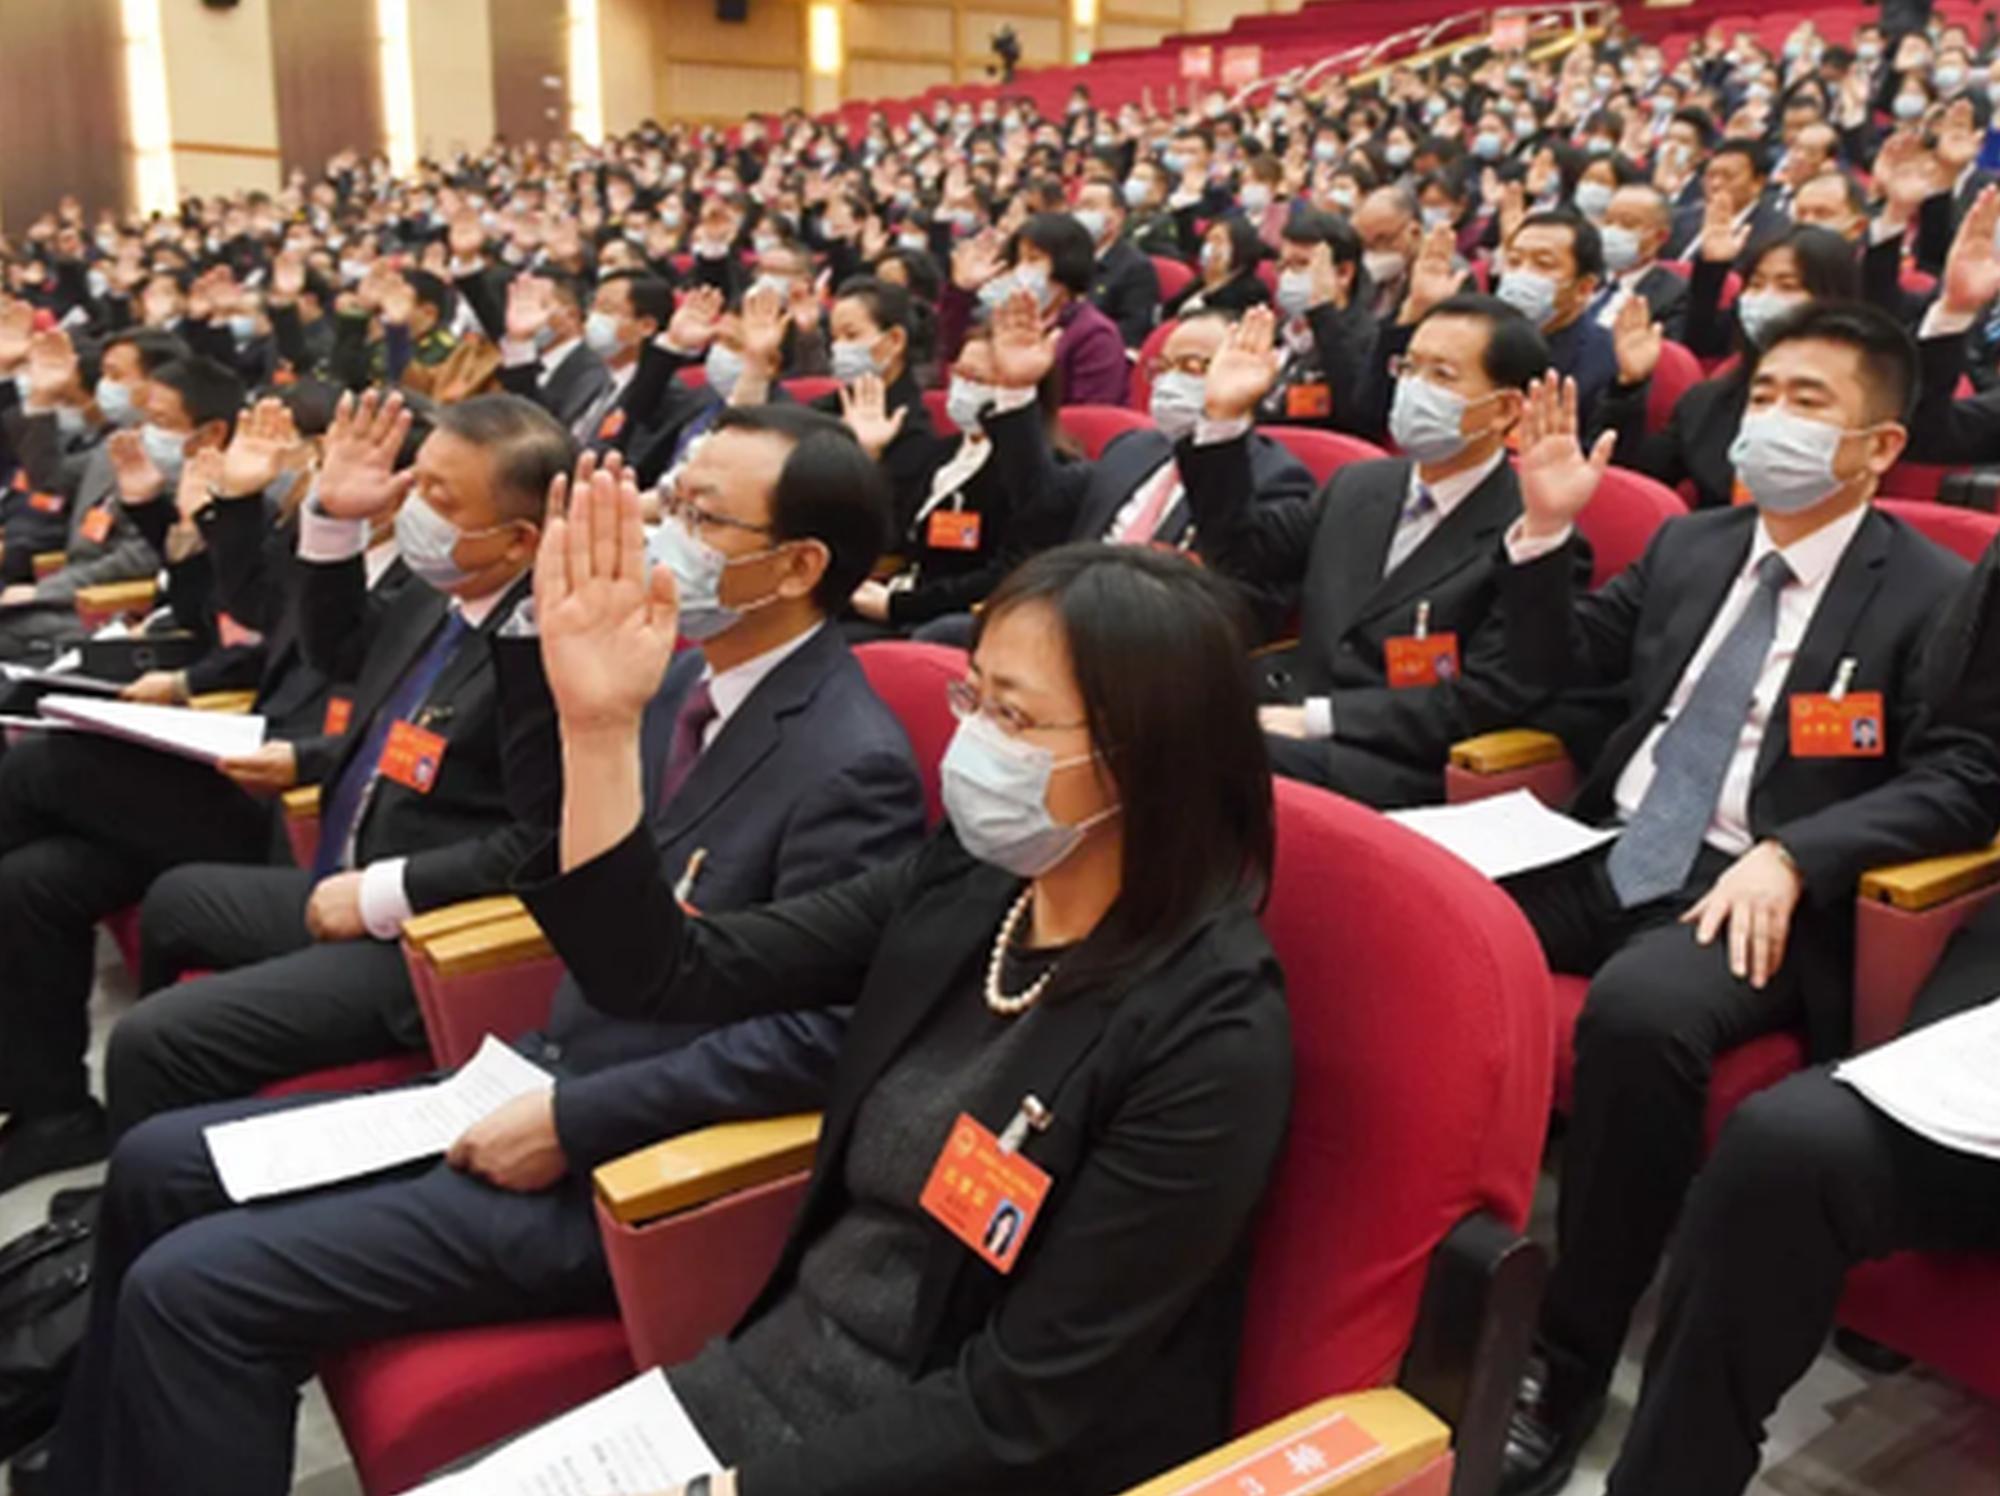 http://ah.sina.com.cn/news/2021-01-22/detail-ikftpnny0453745.shtml